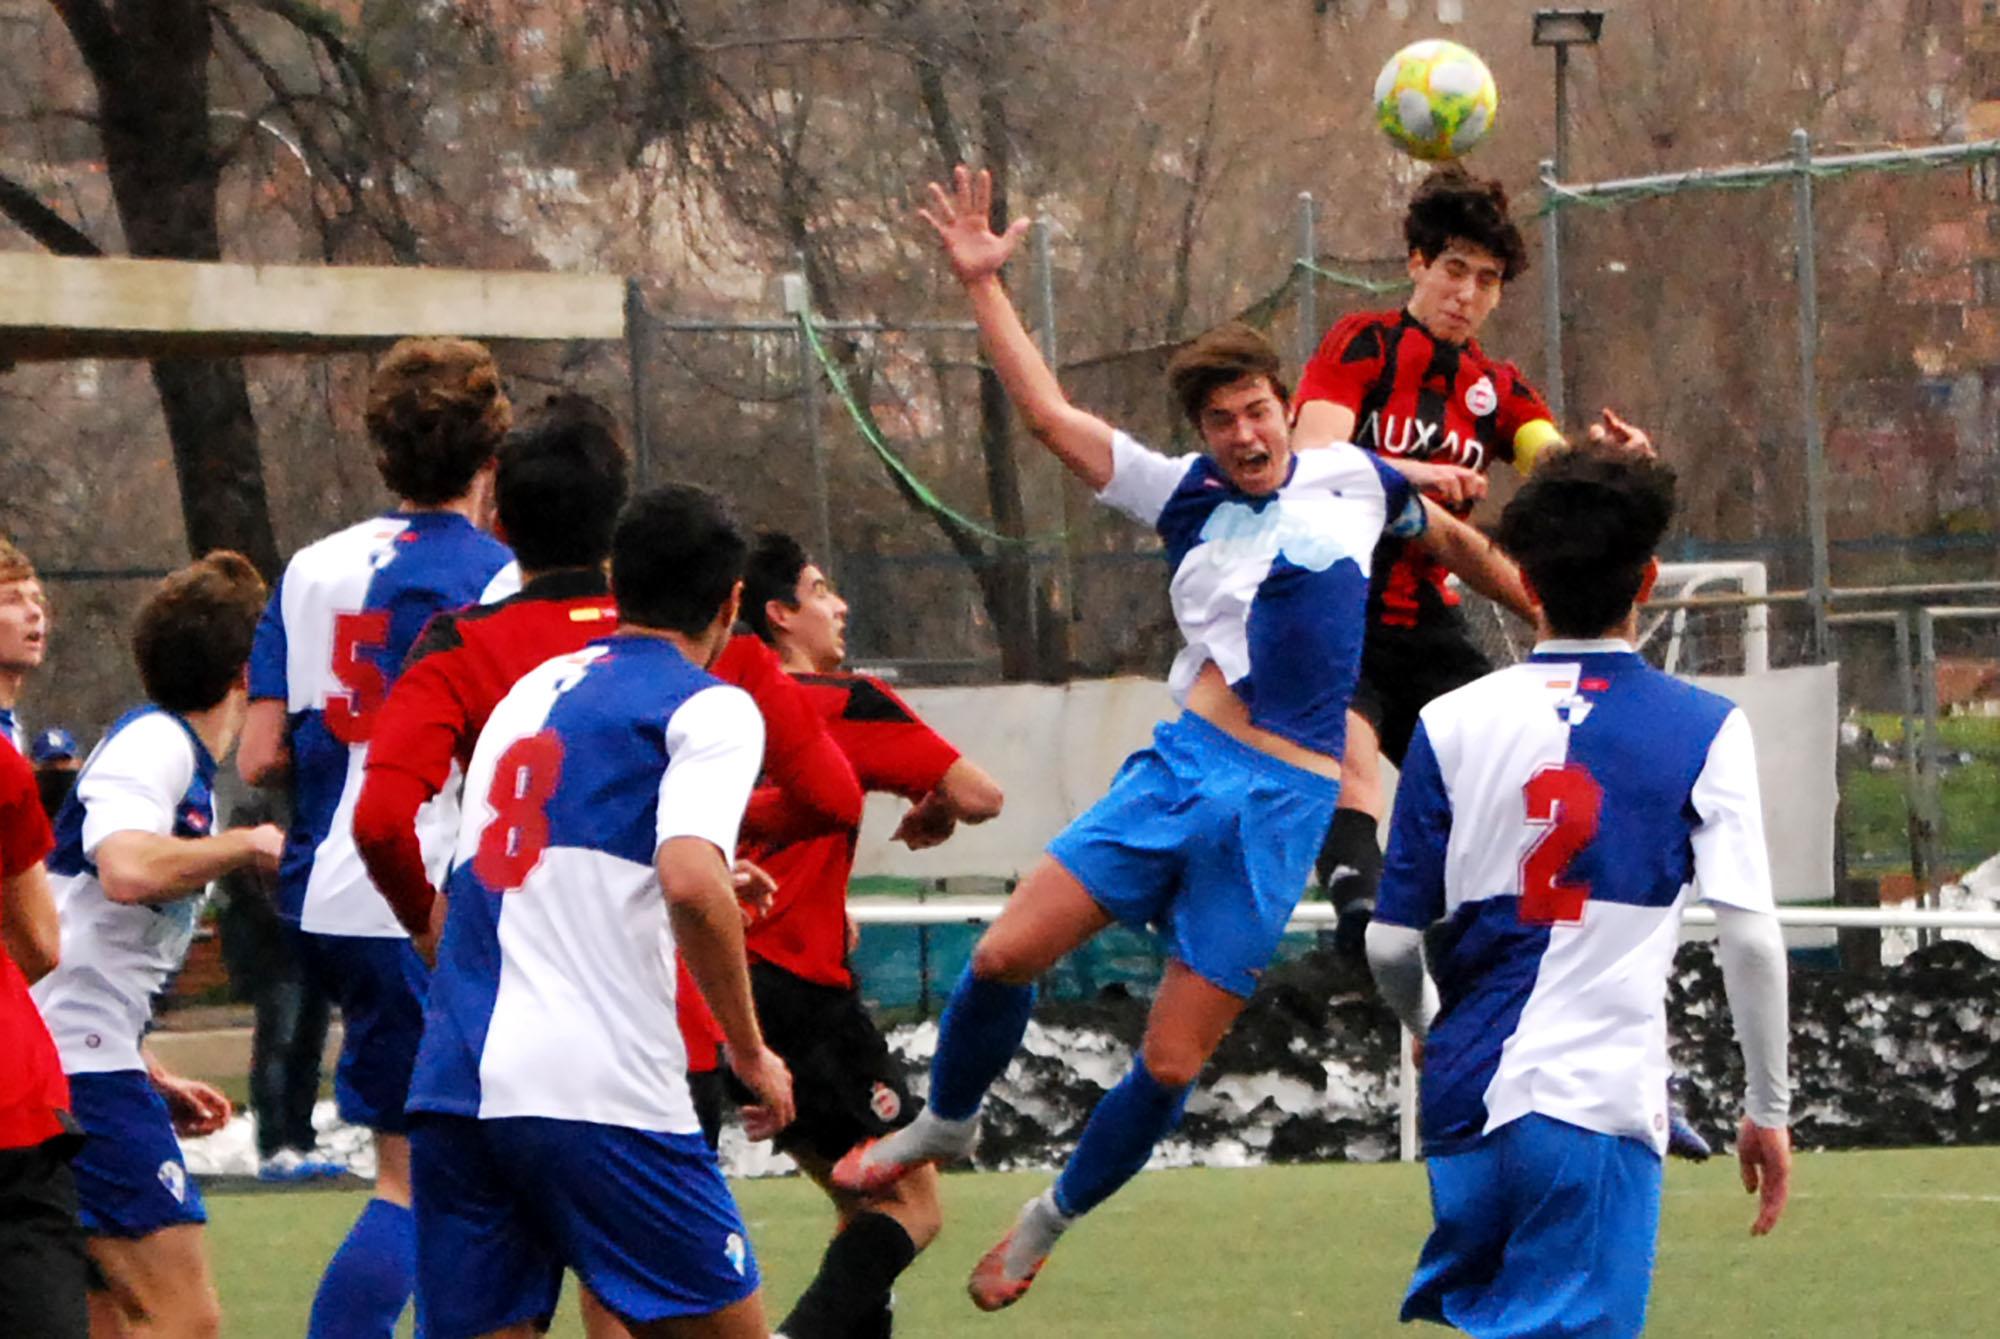 FOTOS / Sara Olmos (RFFM) - Unión Adarve - Aravaca 0-0 (División Honor Juvenil - Subgrupo 5A - Jornada 12)